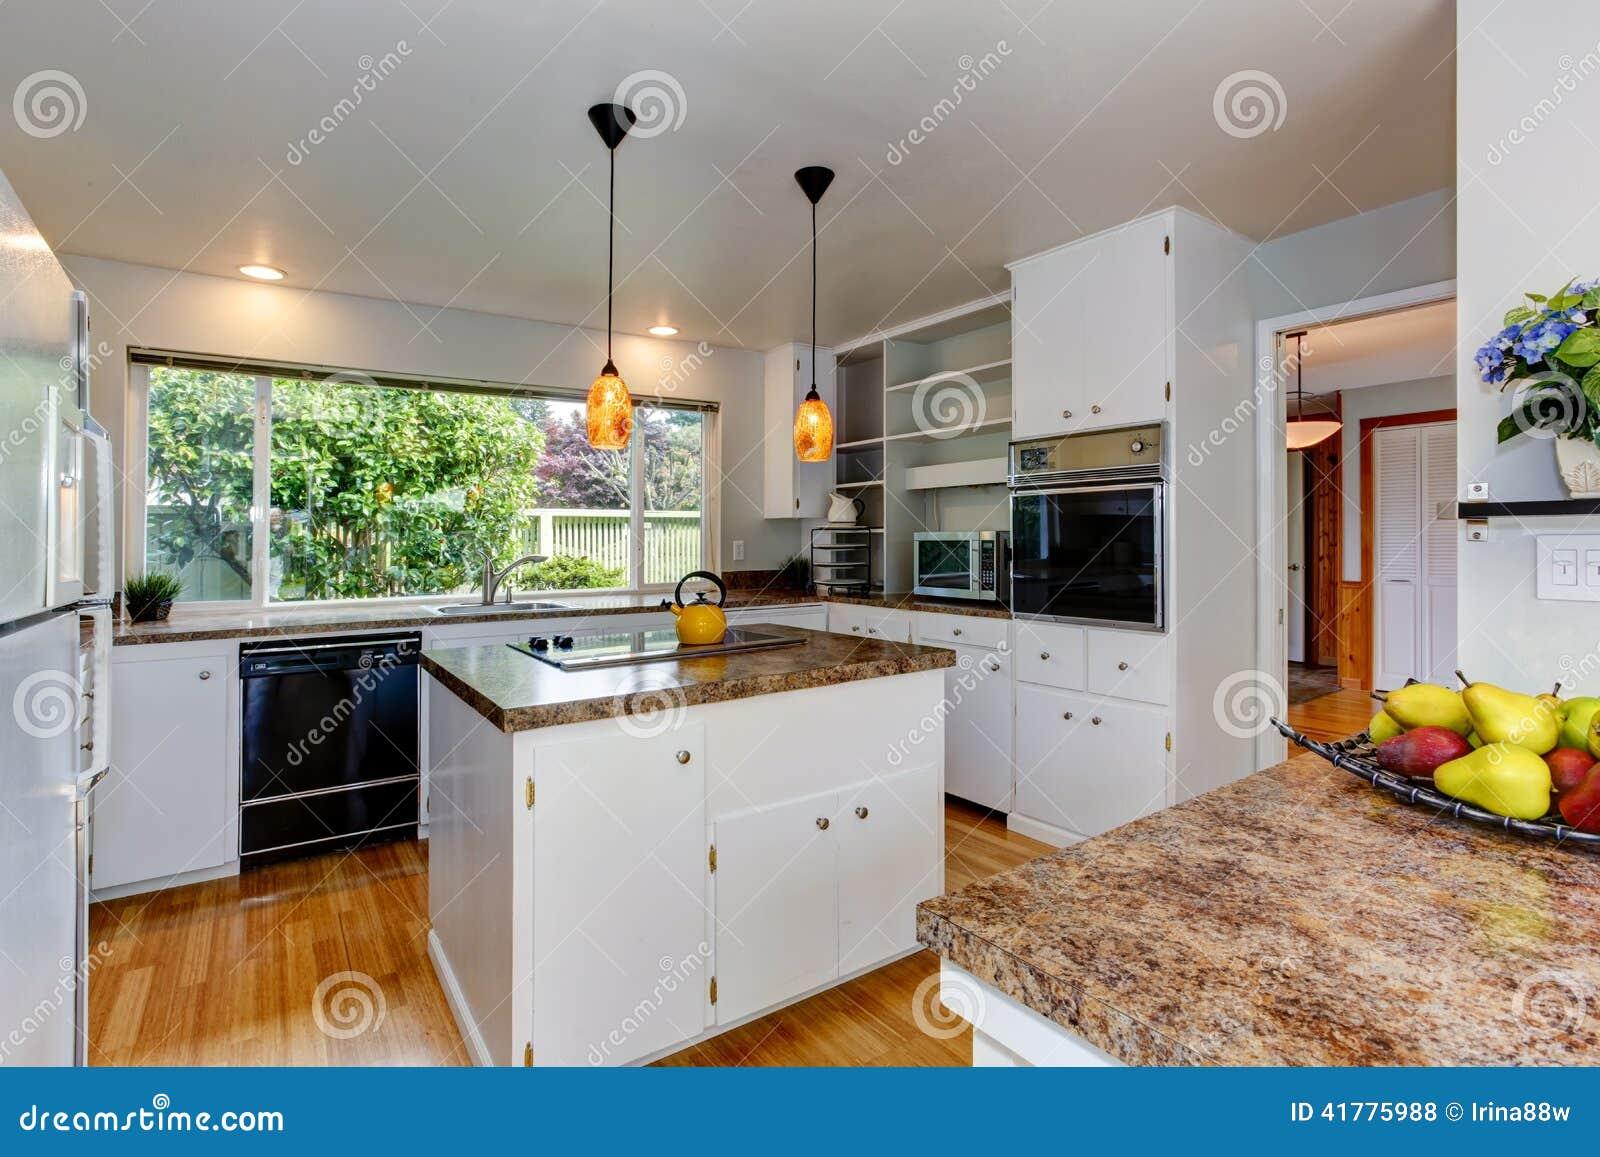 pi ce de cuisine avec la fen tre photo stock image du am ricain northwest 41775988. Black Bedroom Furniture Sets. Home Design Ideas